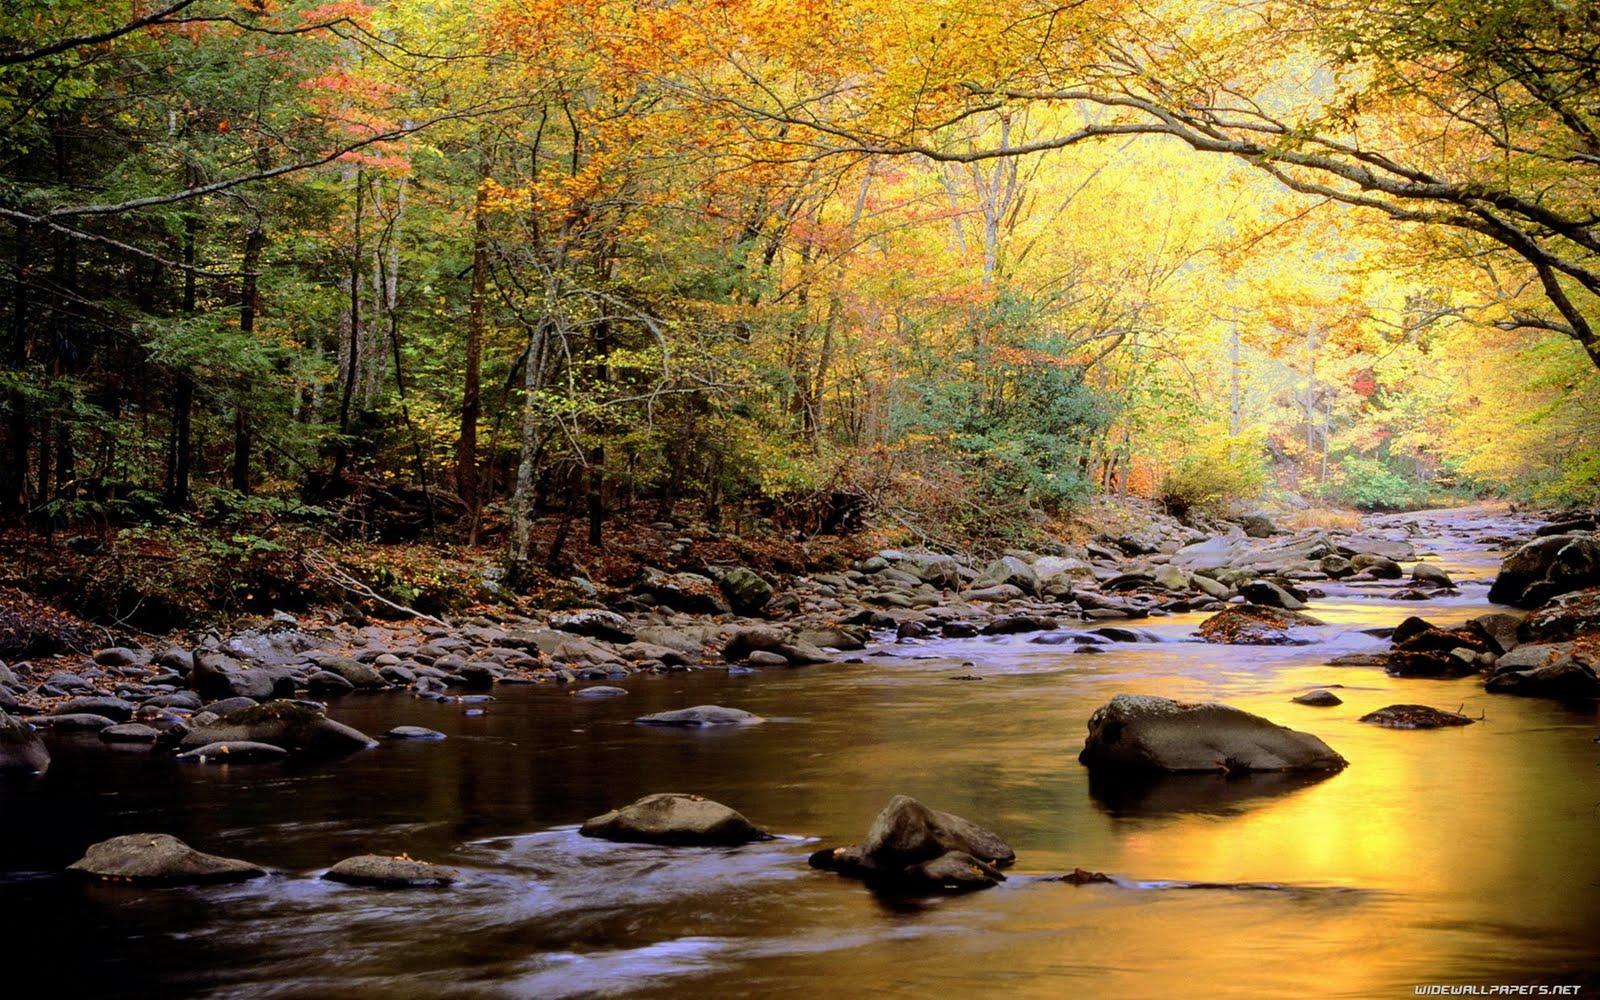 http://3.bp.blogspot.com/-Y2Us_u8mgxc/TlZTcFV7H3I/AAAAAAAAALY/6nsqrrYvcaA/s1600/nature-wallpaper-1680x1050-015.jpg